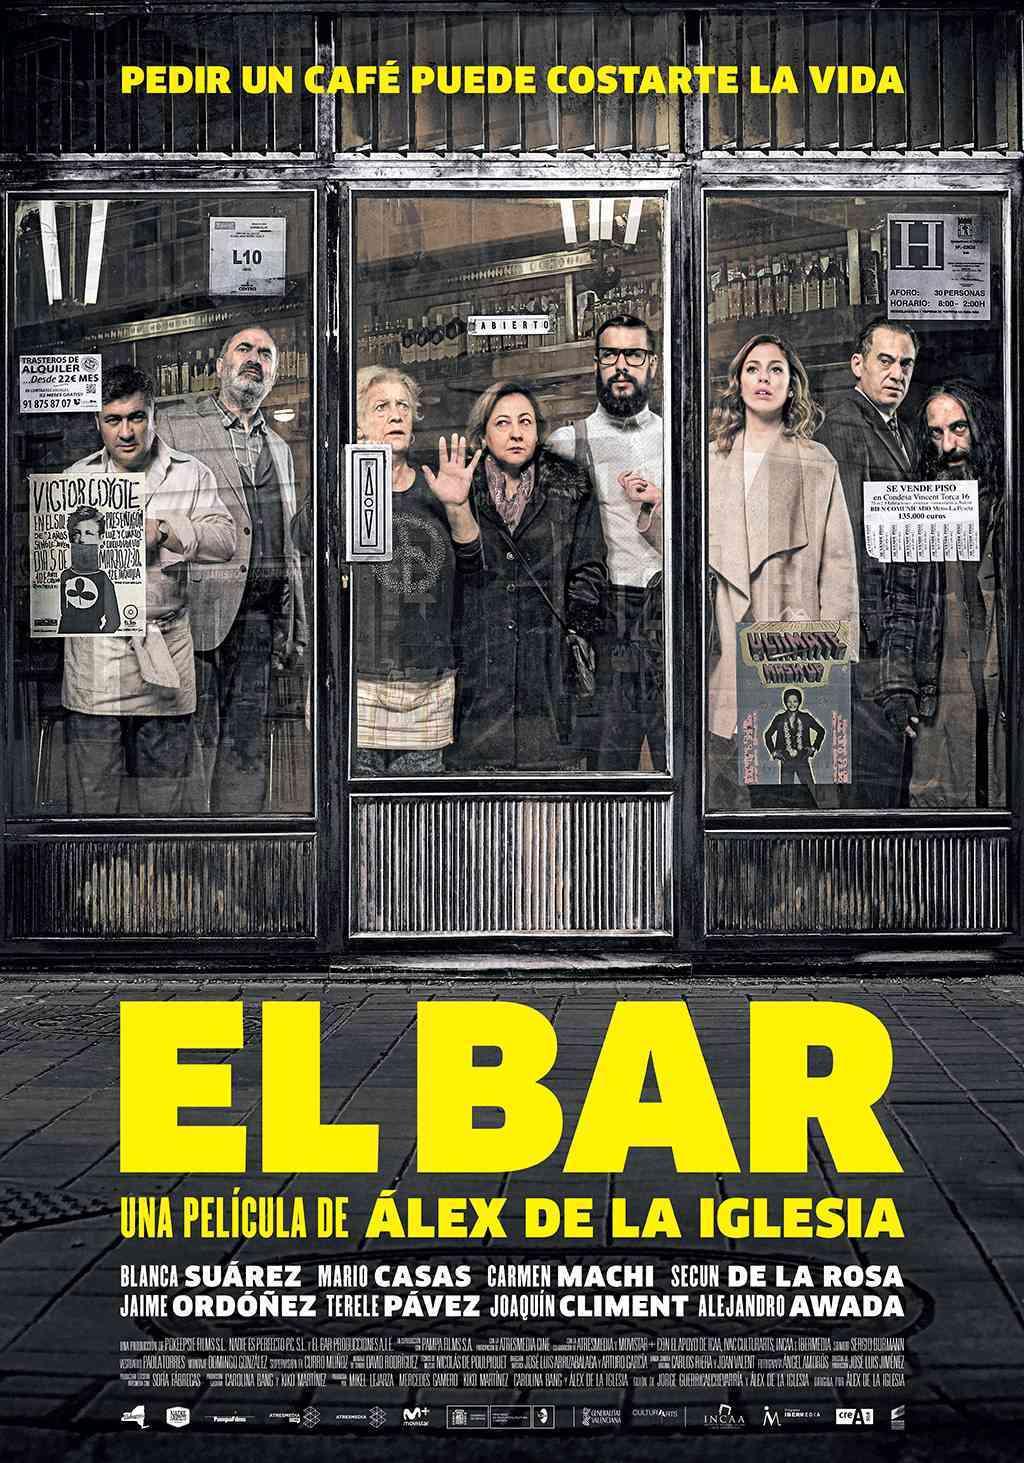 El Bar - película de Alex de la Iglesia